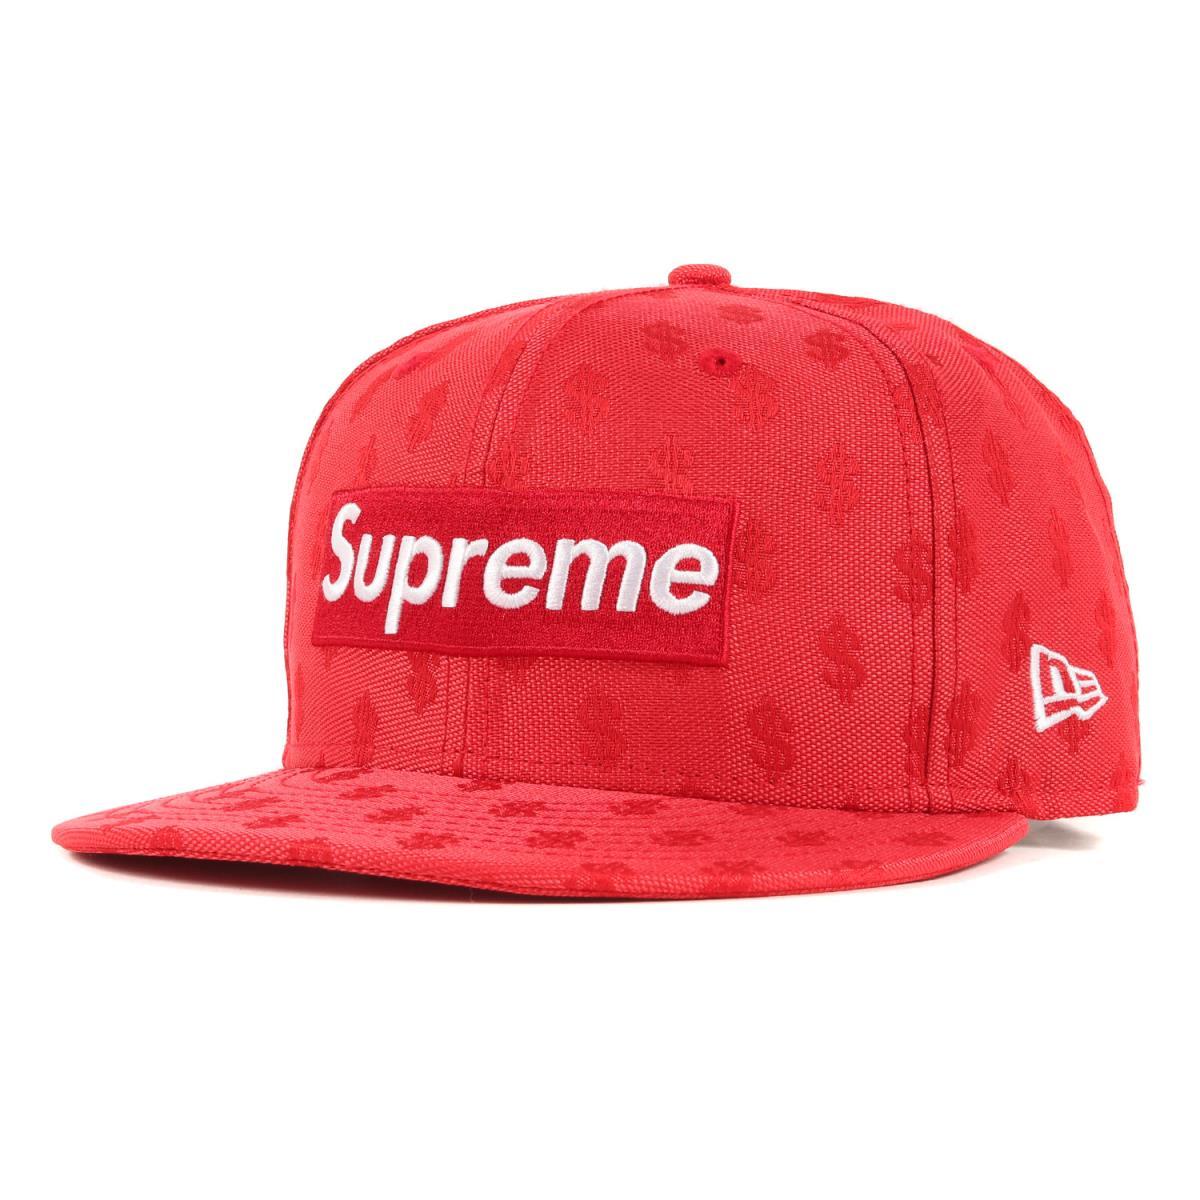 メンズ帽子, キャップ Supreme NEW ERA BOX Monogram Box Logo 18SS 7 12(59.6cm) K3131